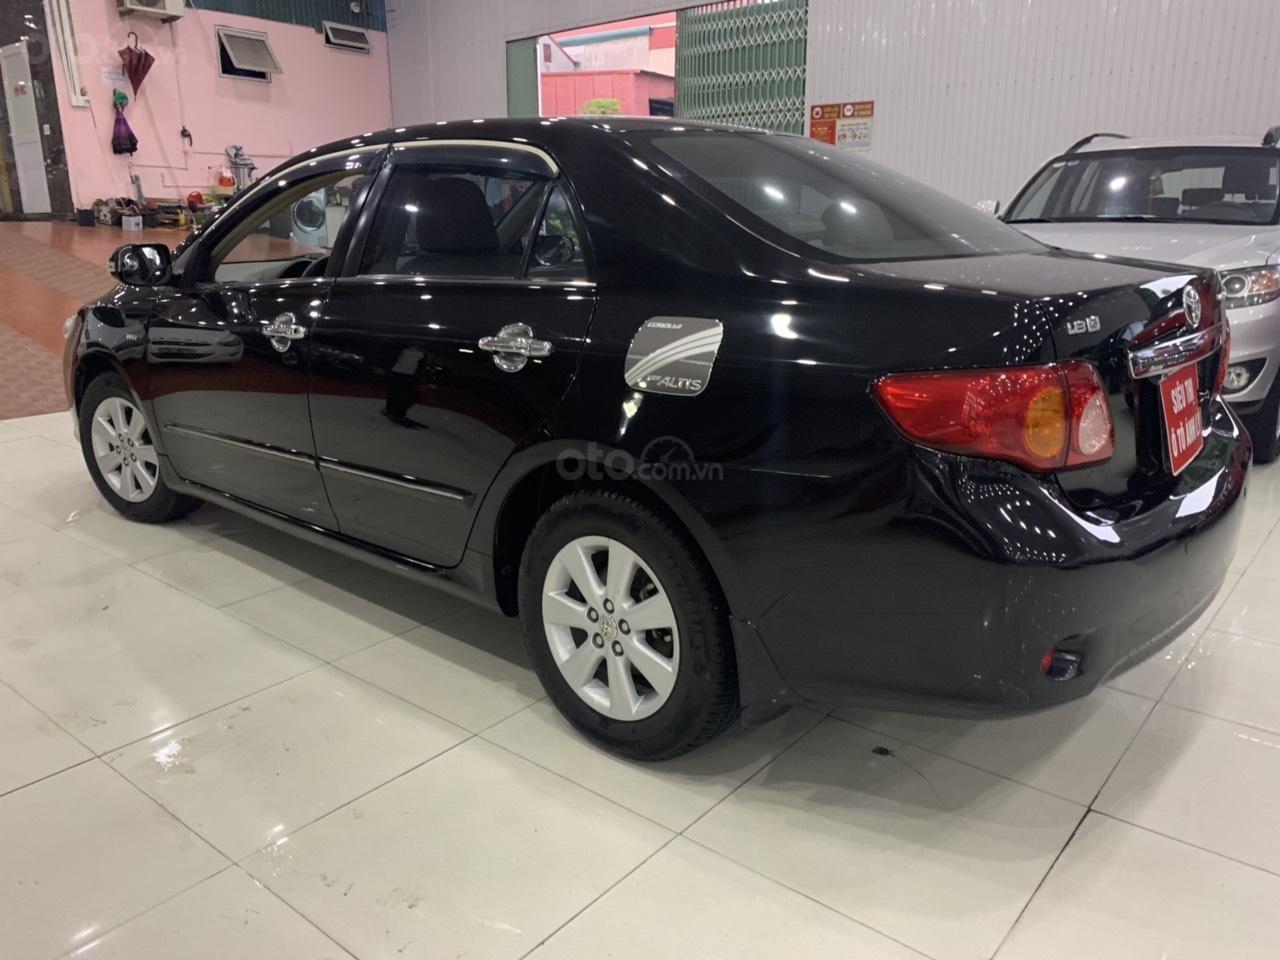 Cần bán Toyota Corolla Altis 1.8AT sản xuất năm 2010, màu đen, 445 triệu (6)